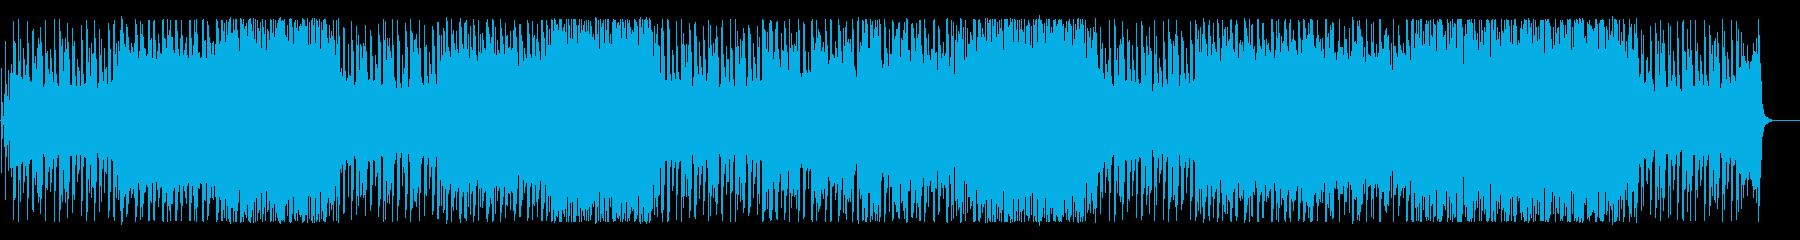 メルヘンチックな可愛らしいBGMの再生済みの波形